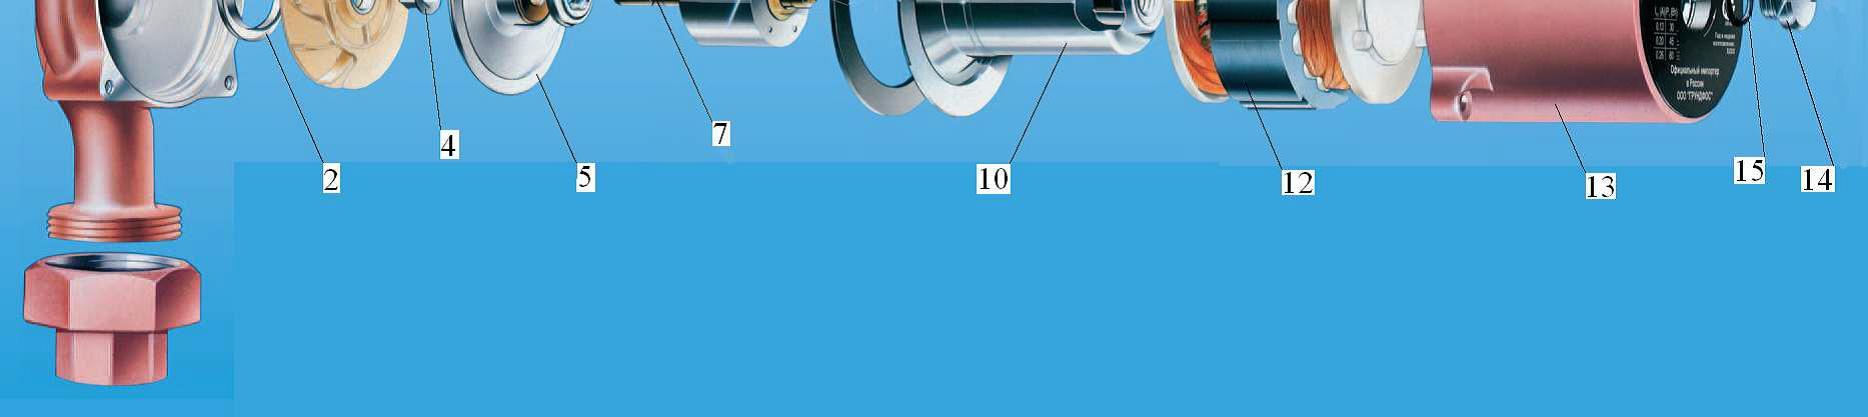 Деталировка циркуляционного насоса Grundfos UPS-25/40 180 (1'')